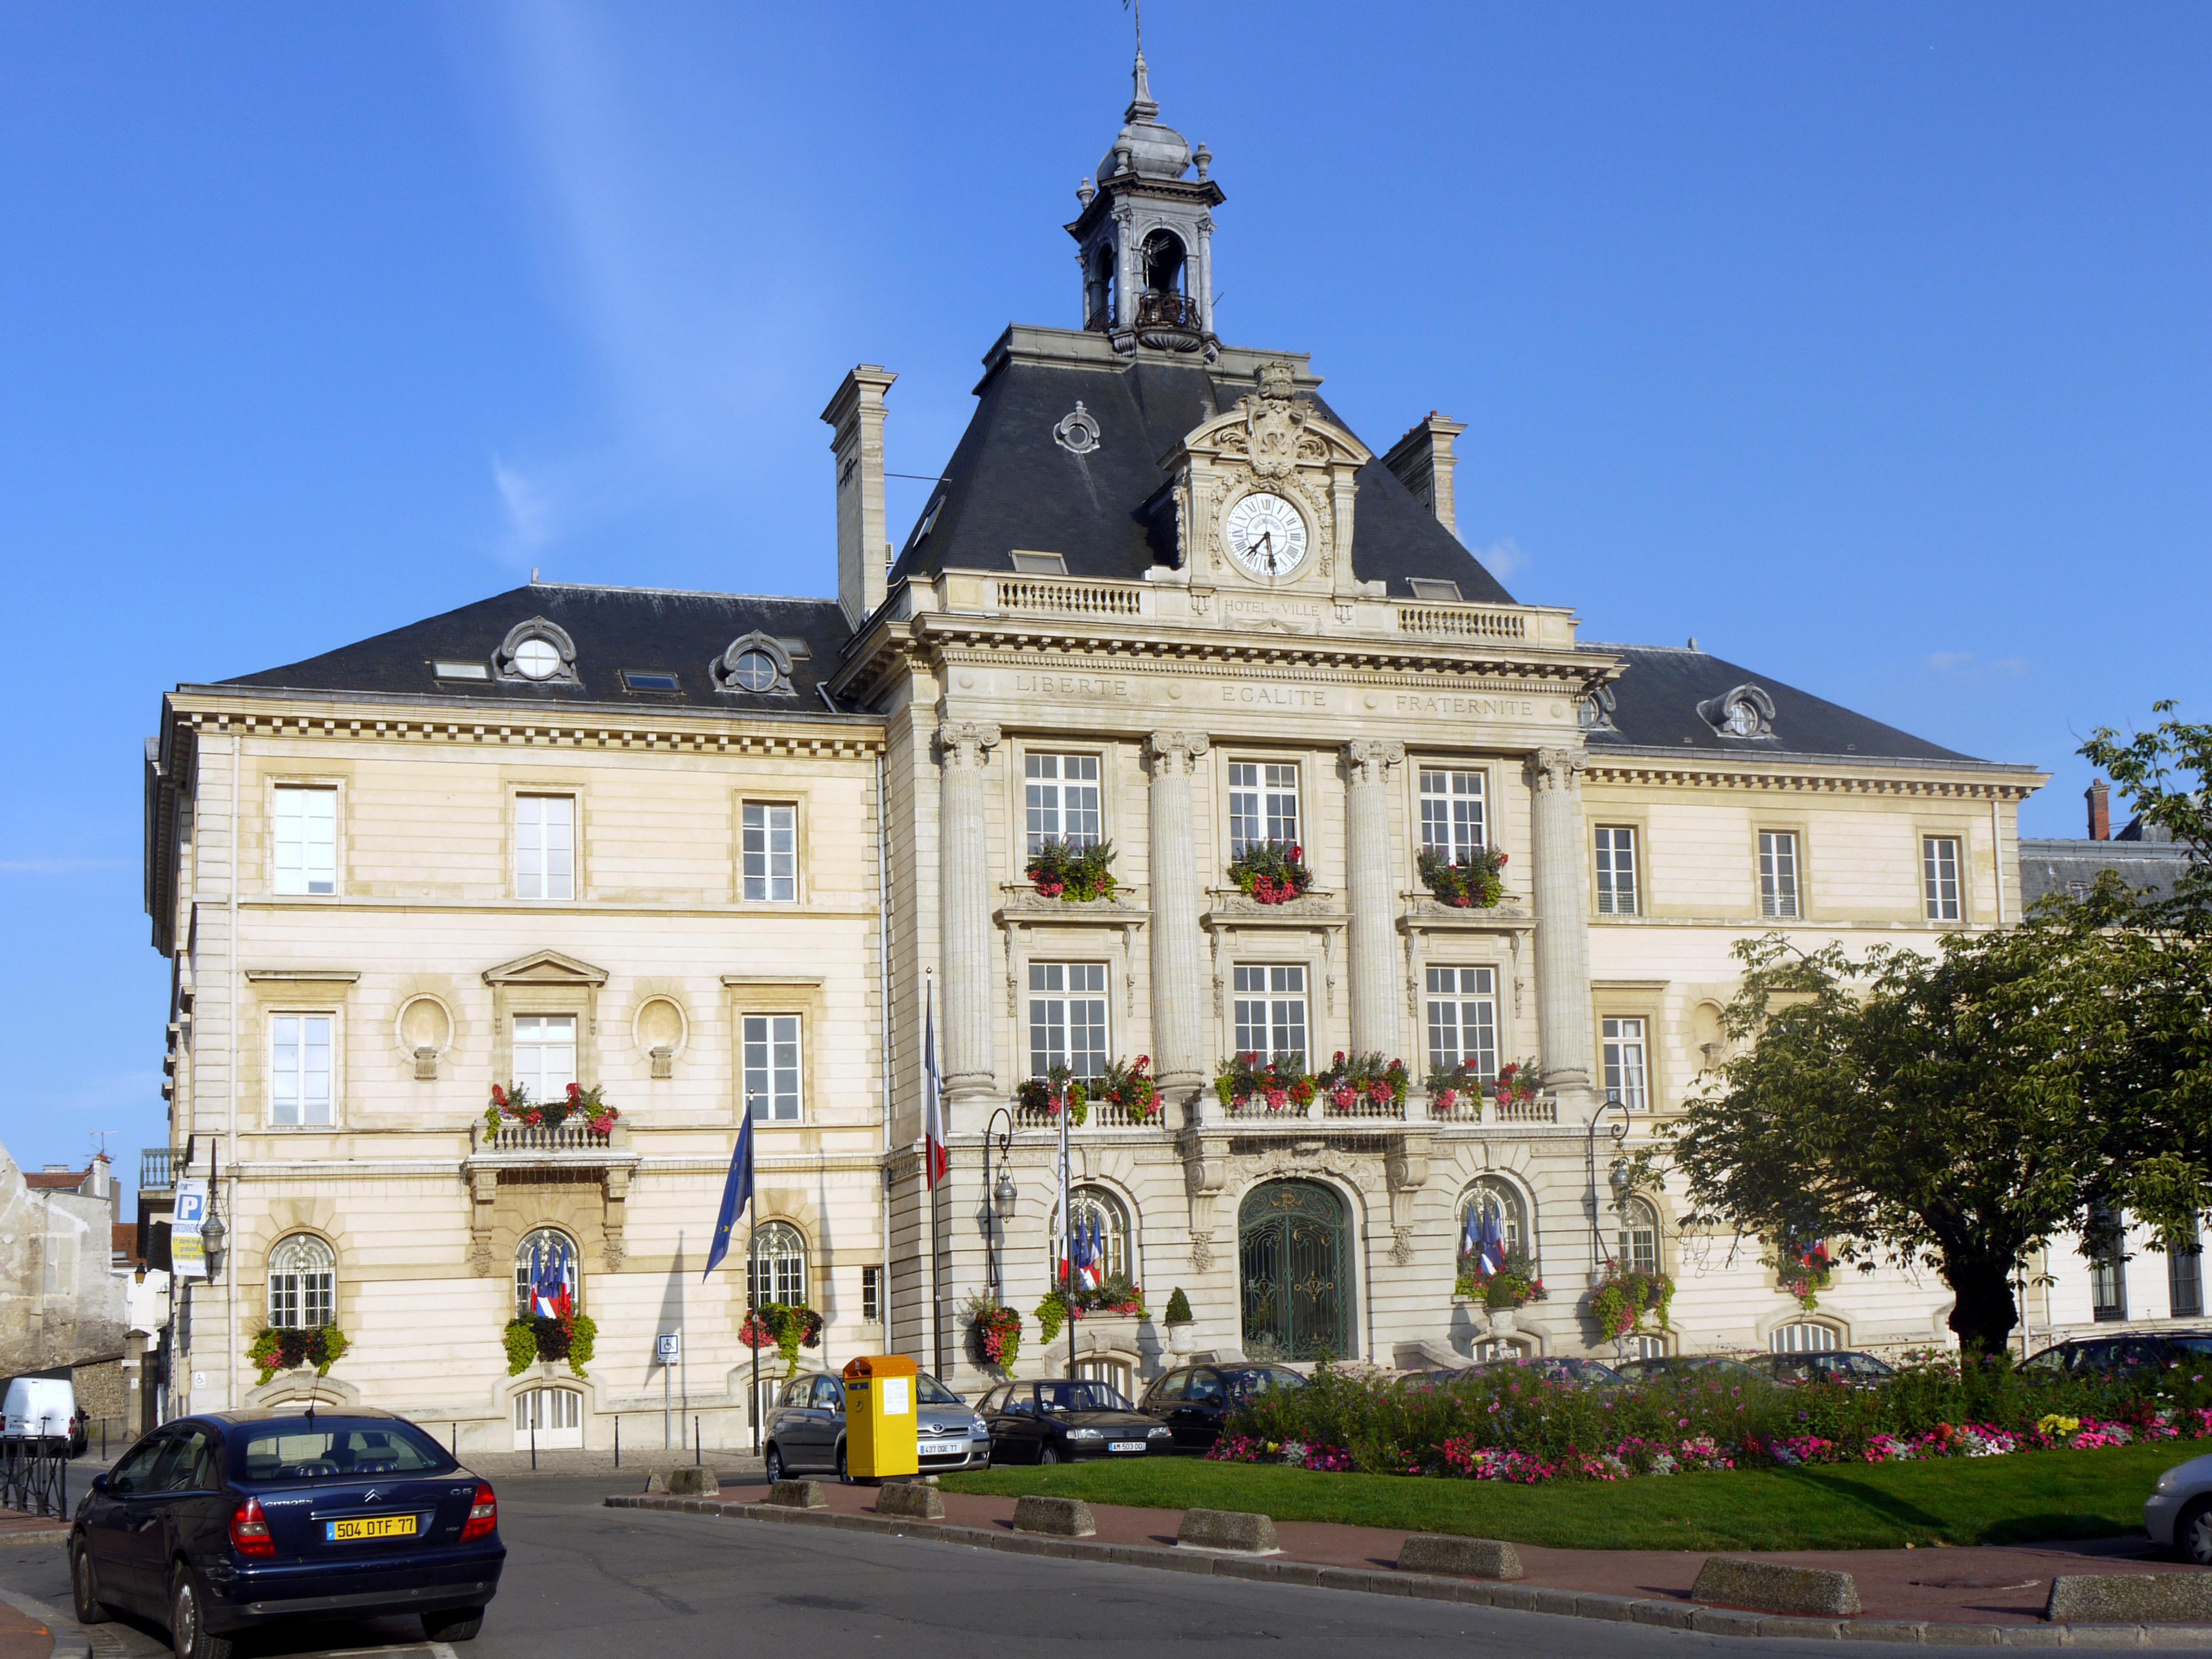 Hotel De Ville De Meaux